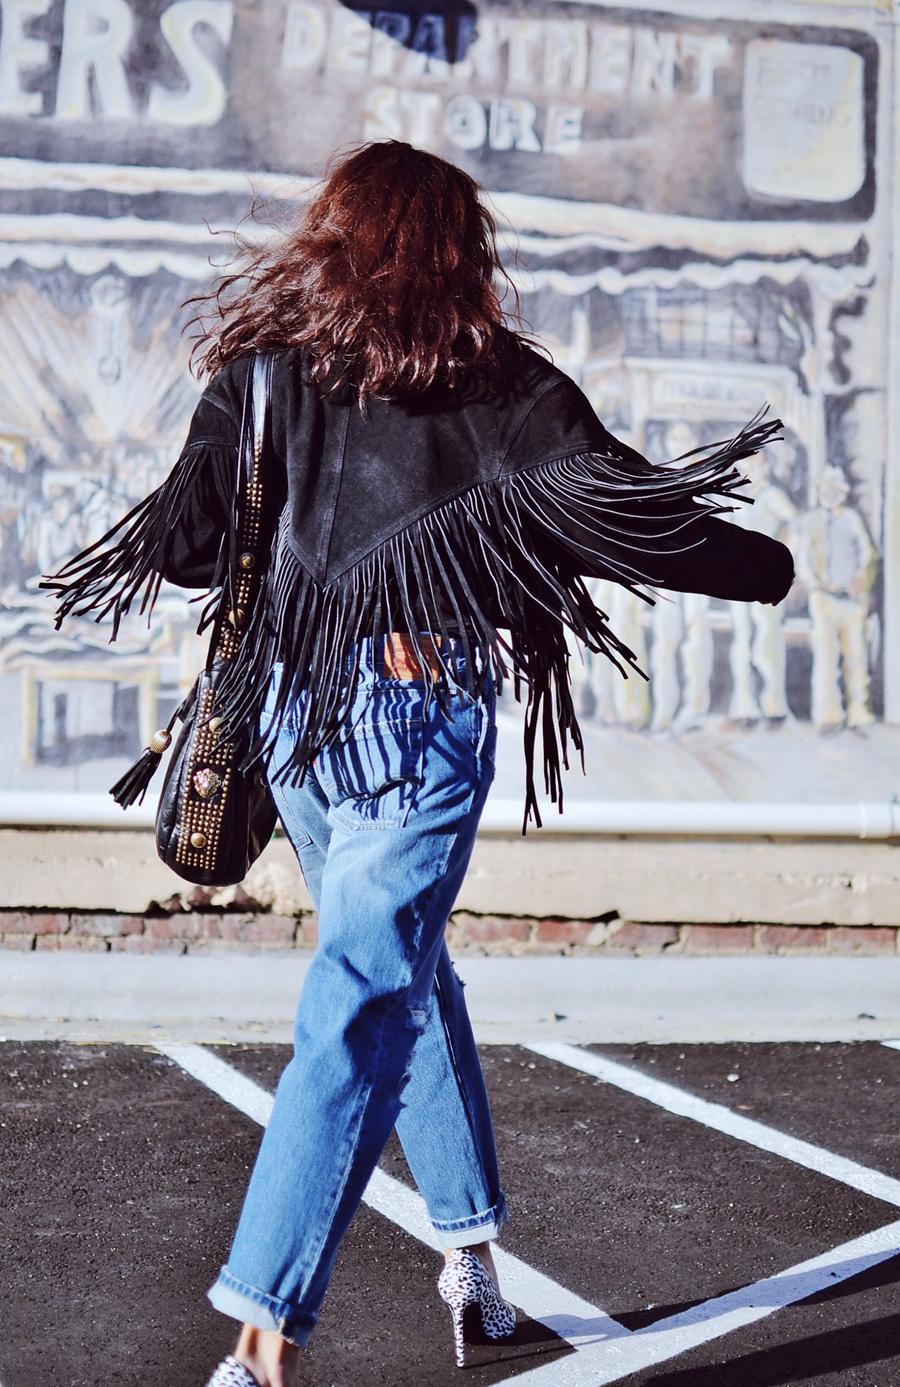 Fringe jacket street style